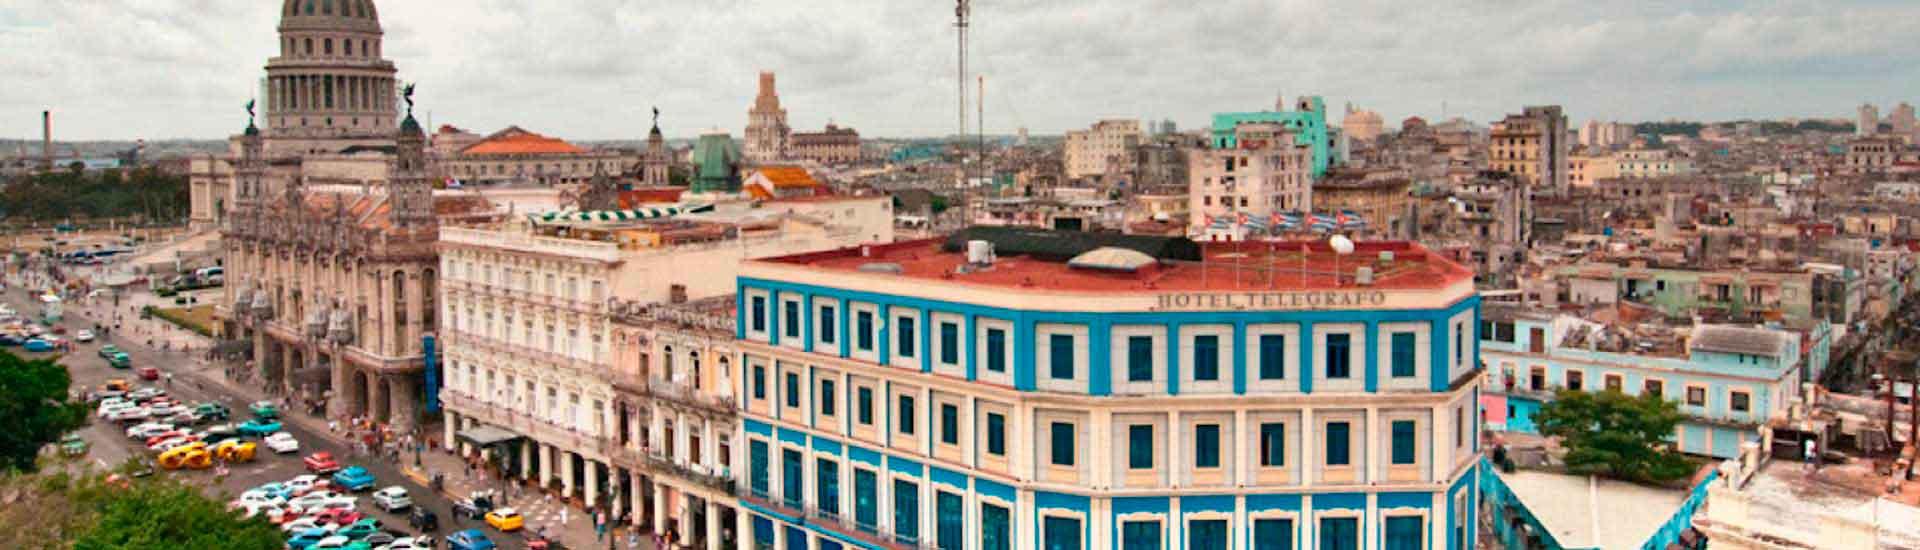 Por los techos de La Habana (Fotosafari)